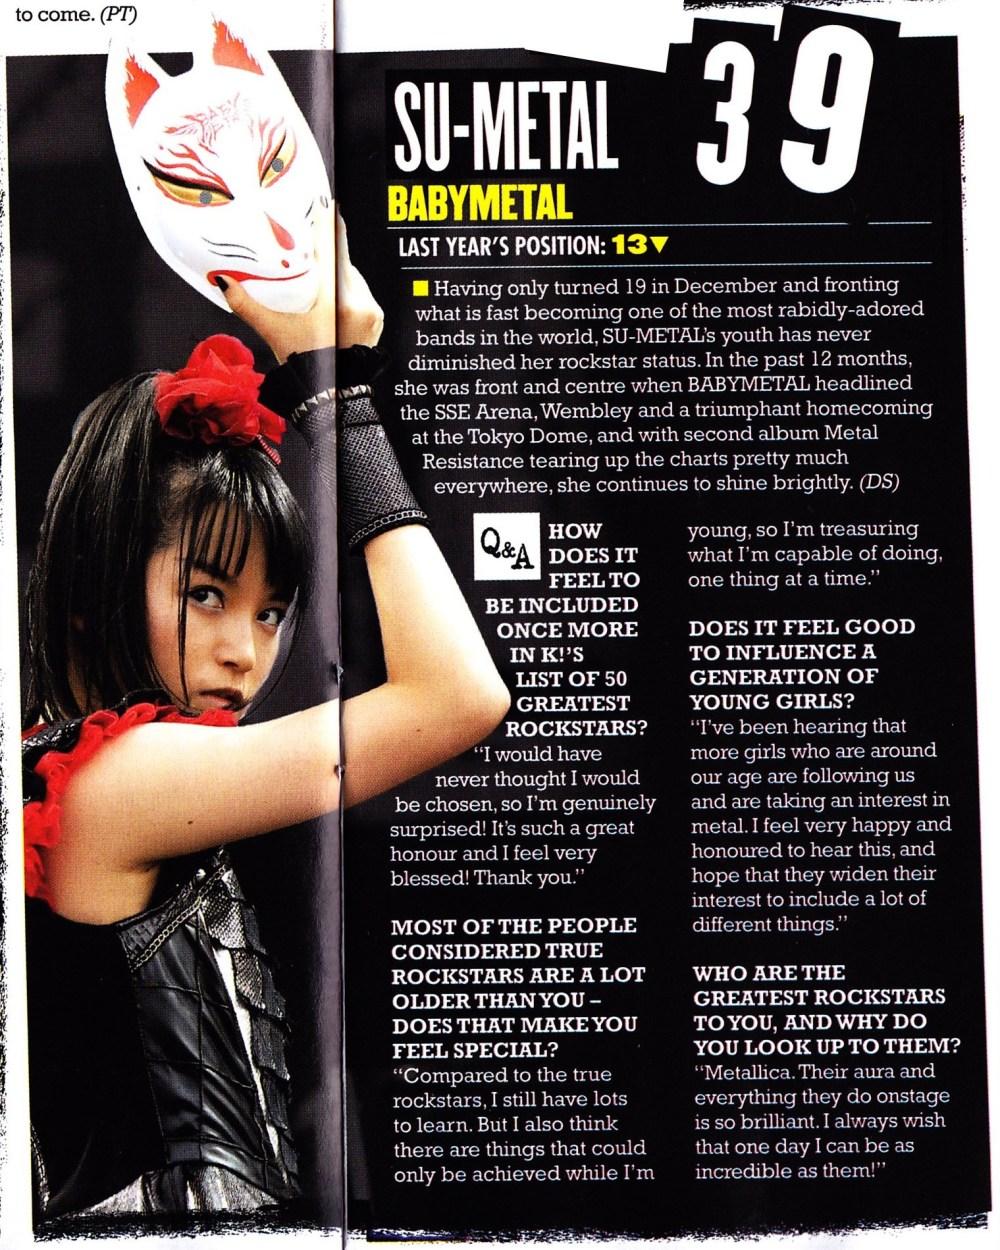 Traducción al español de la entrevista a SU-METAL en la revista Kerrang (18 de febrero, 2017)